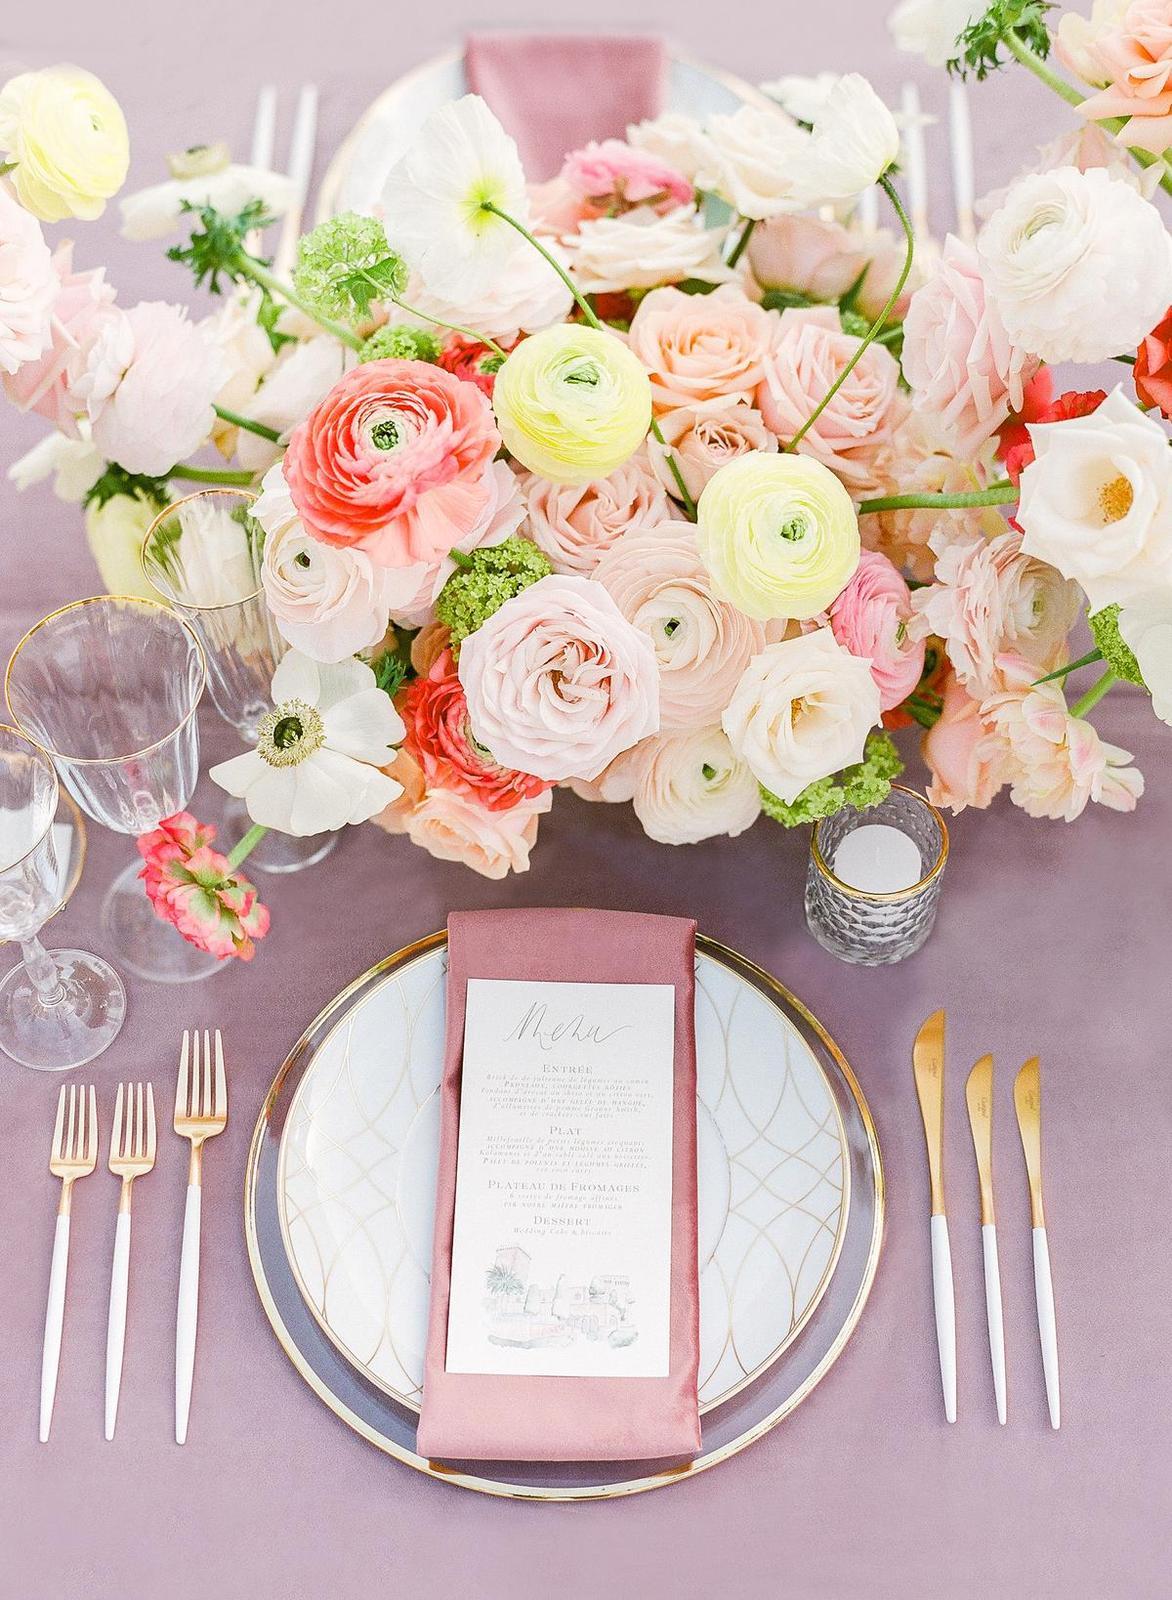 Inšpirácie na svadobné stolovovanie - Obrázok č. 11